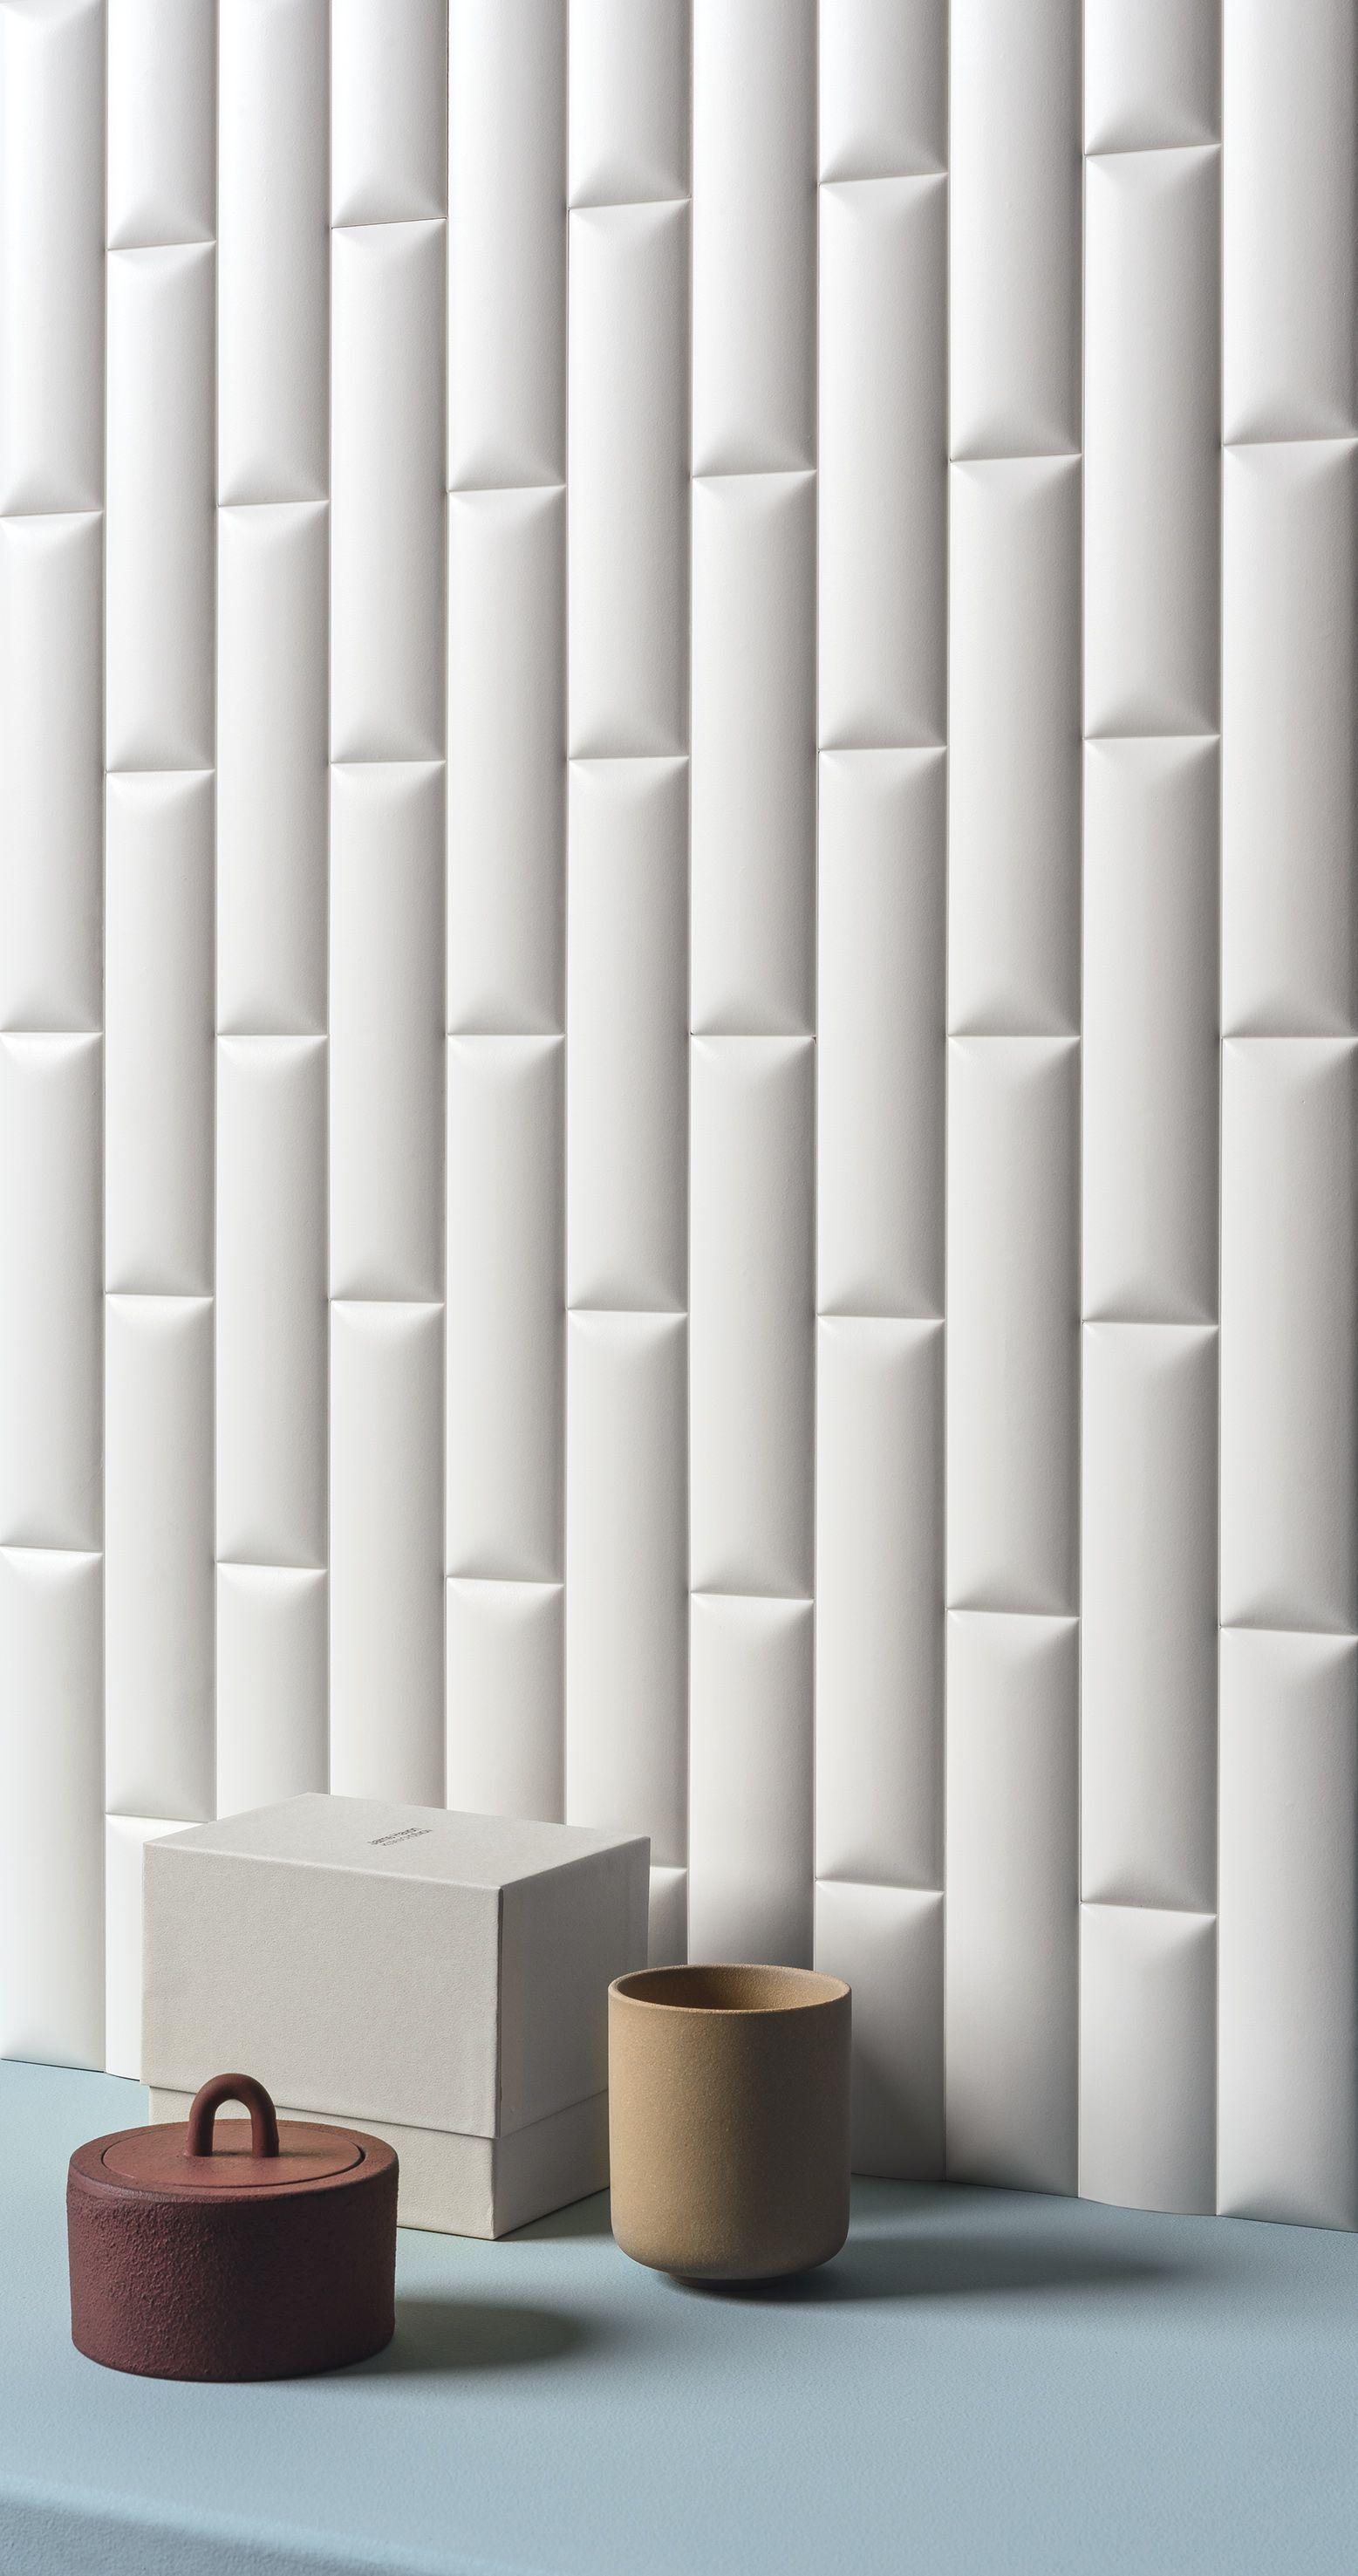 Carrelage Mural Imitation Carreau De Ciment Épinglé par pedro contreras sur paredes   carrelage